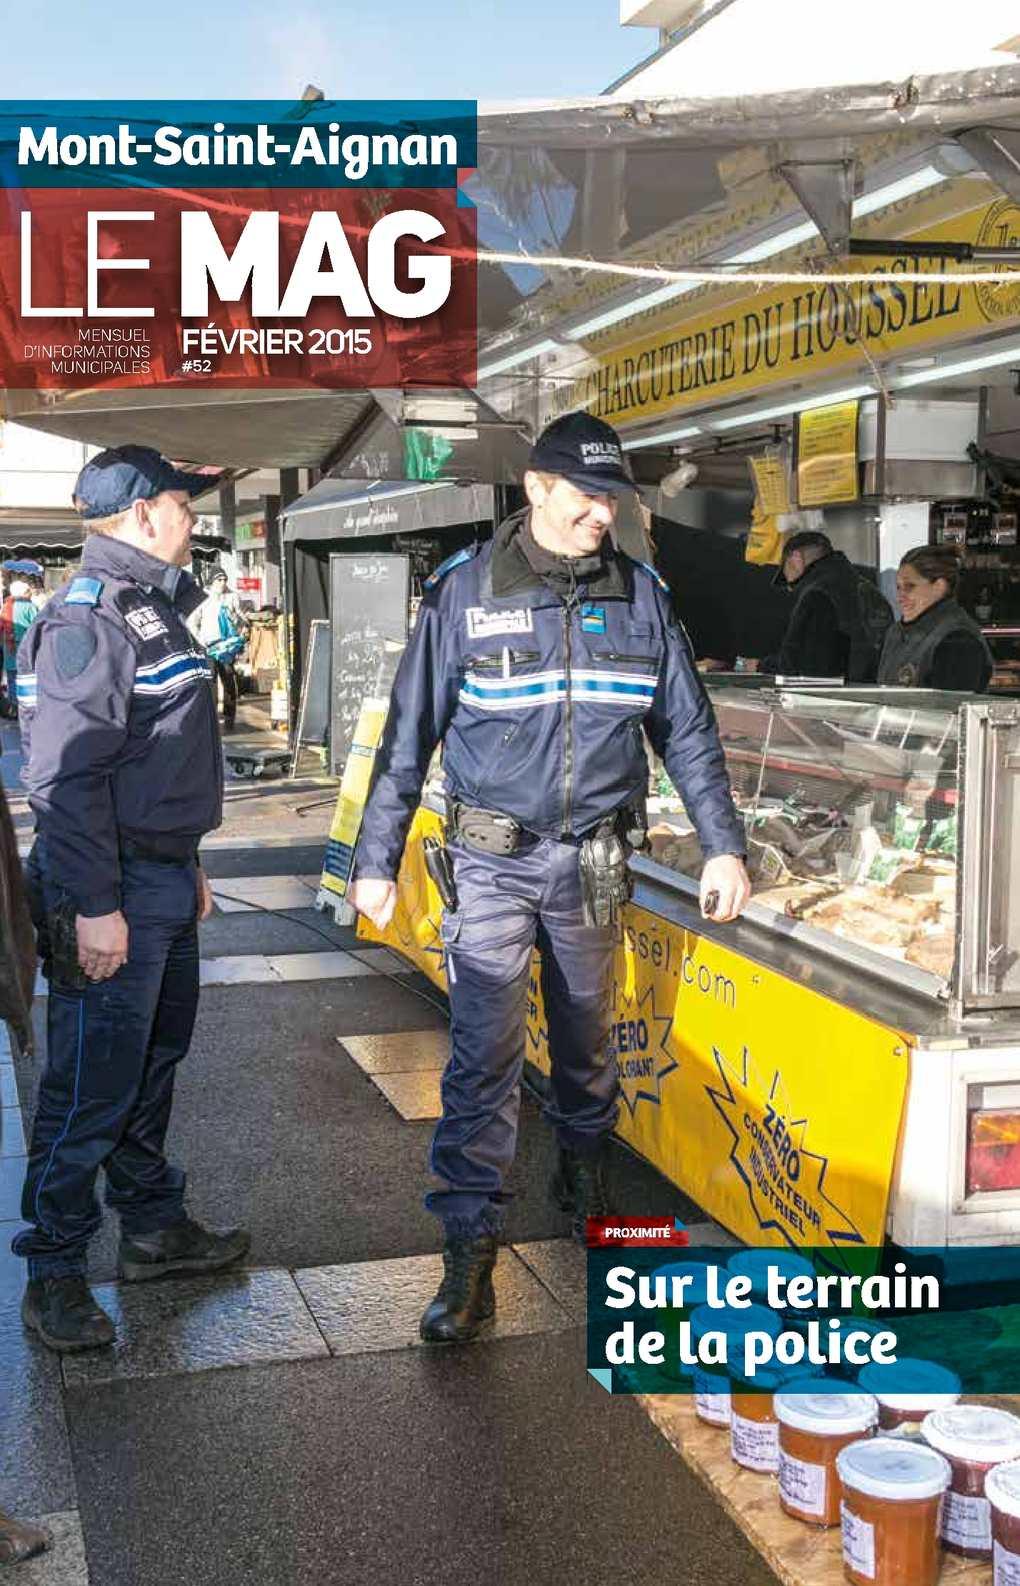 Calam o mont saint aignan le mag 39 f vrier 2015 for Piscine mont saint aignan